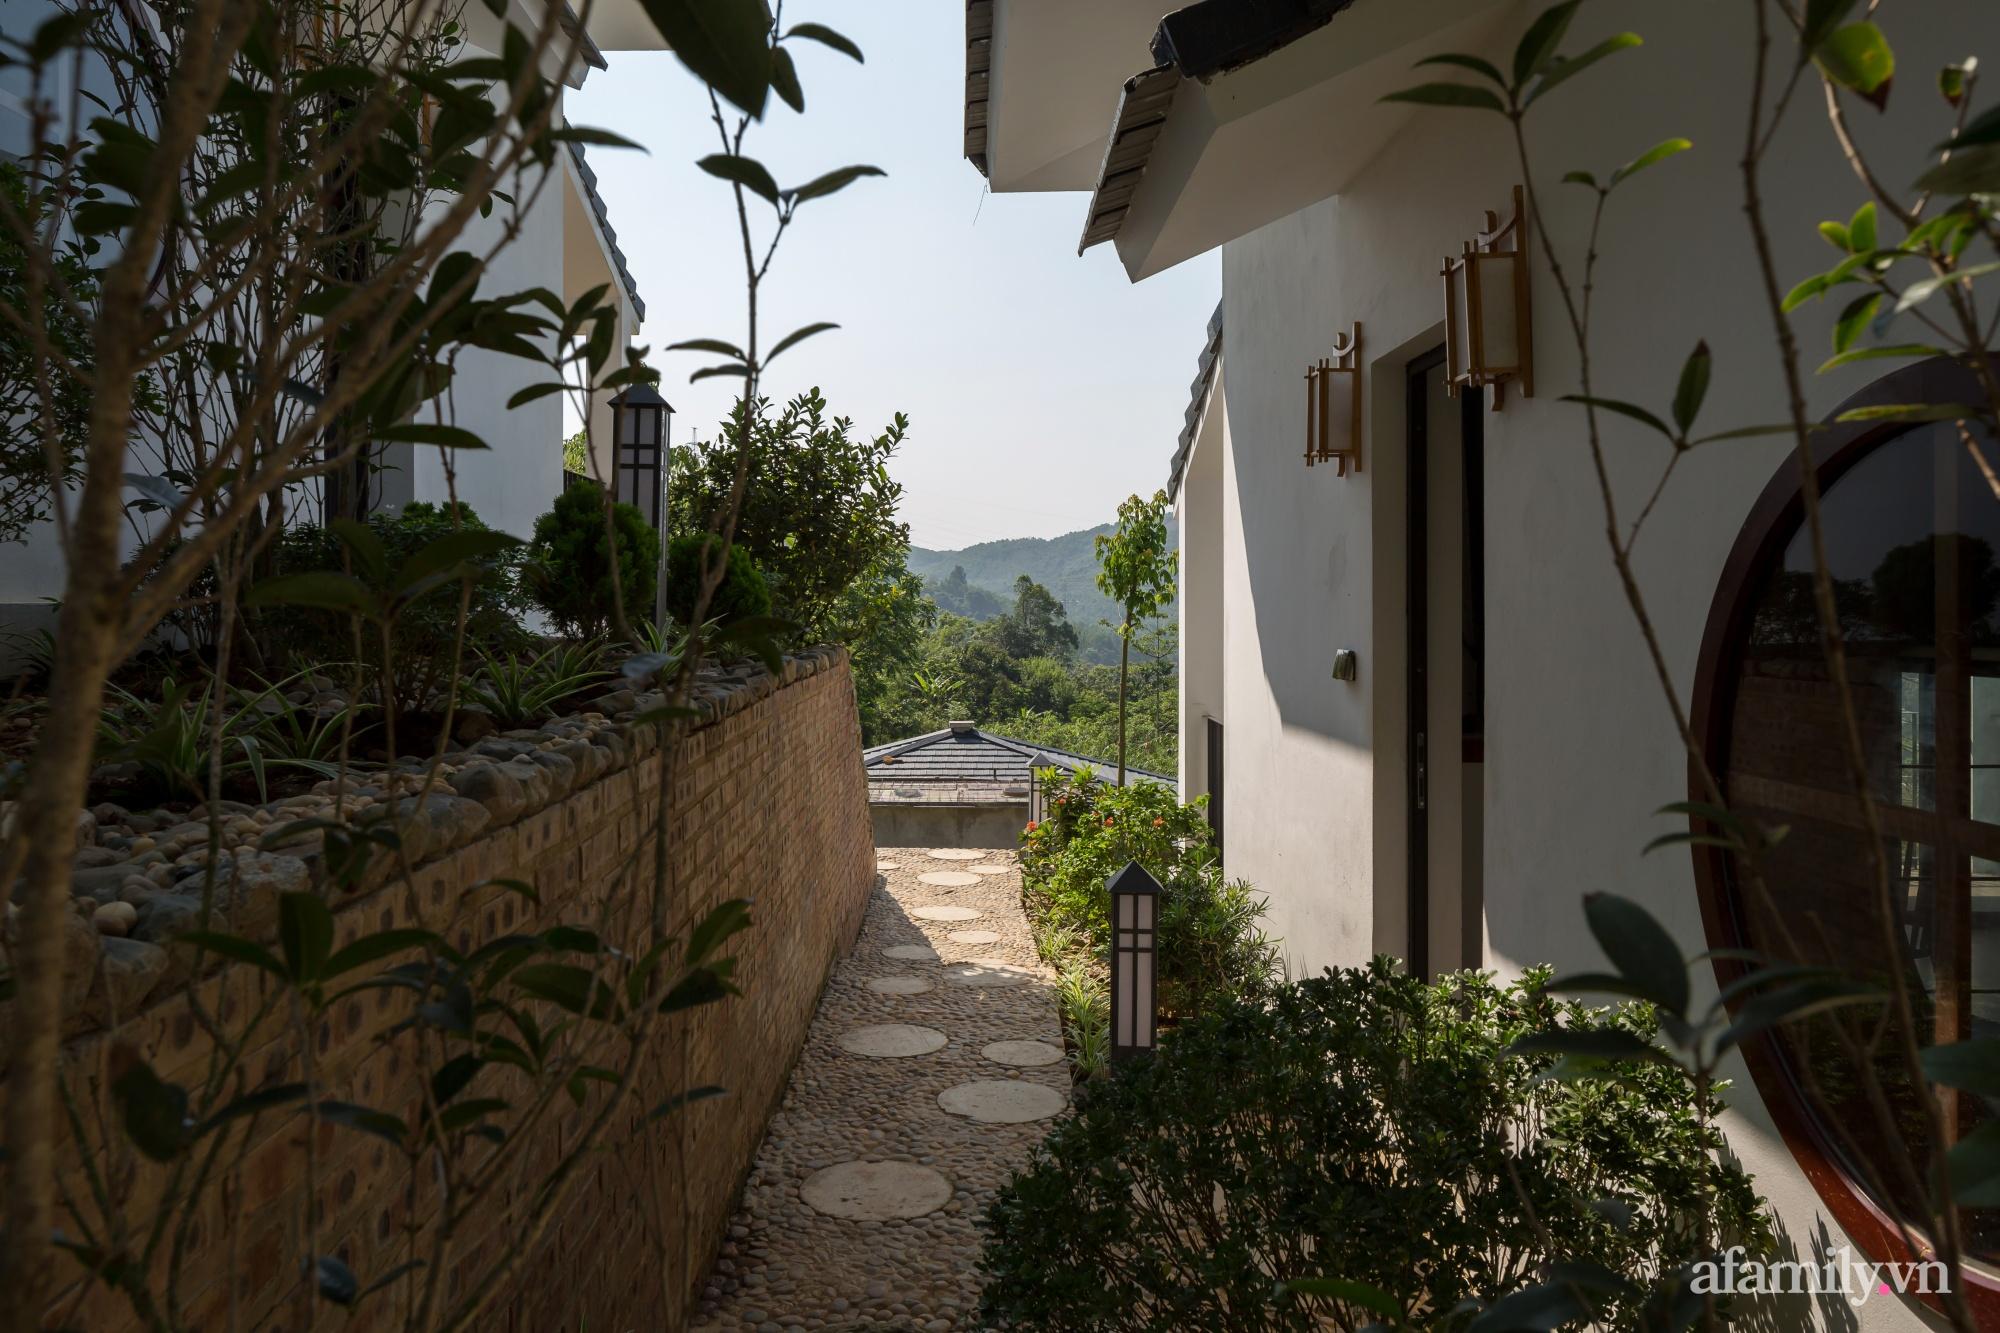 Nhà trên đồi lộng gió thoáng rộng thảnh thơi đón nắng ngập tràn ở Kỳ Sơn, Hòa Bình - Ảnh 7.